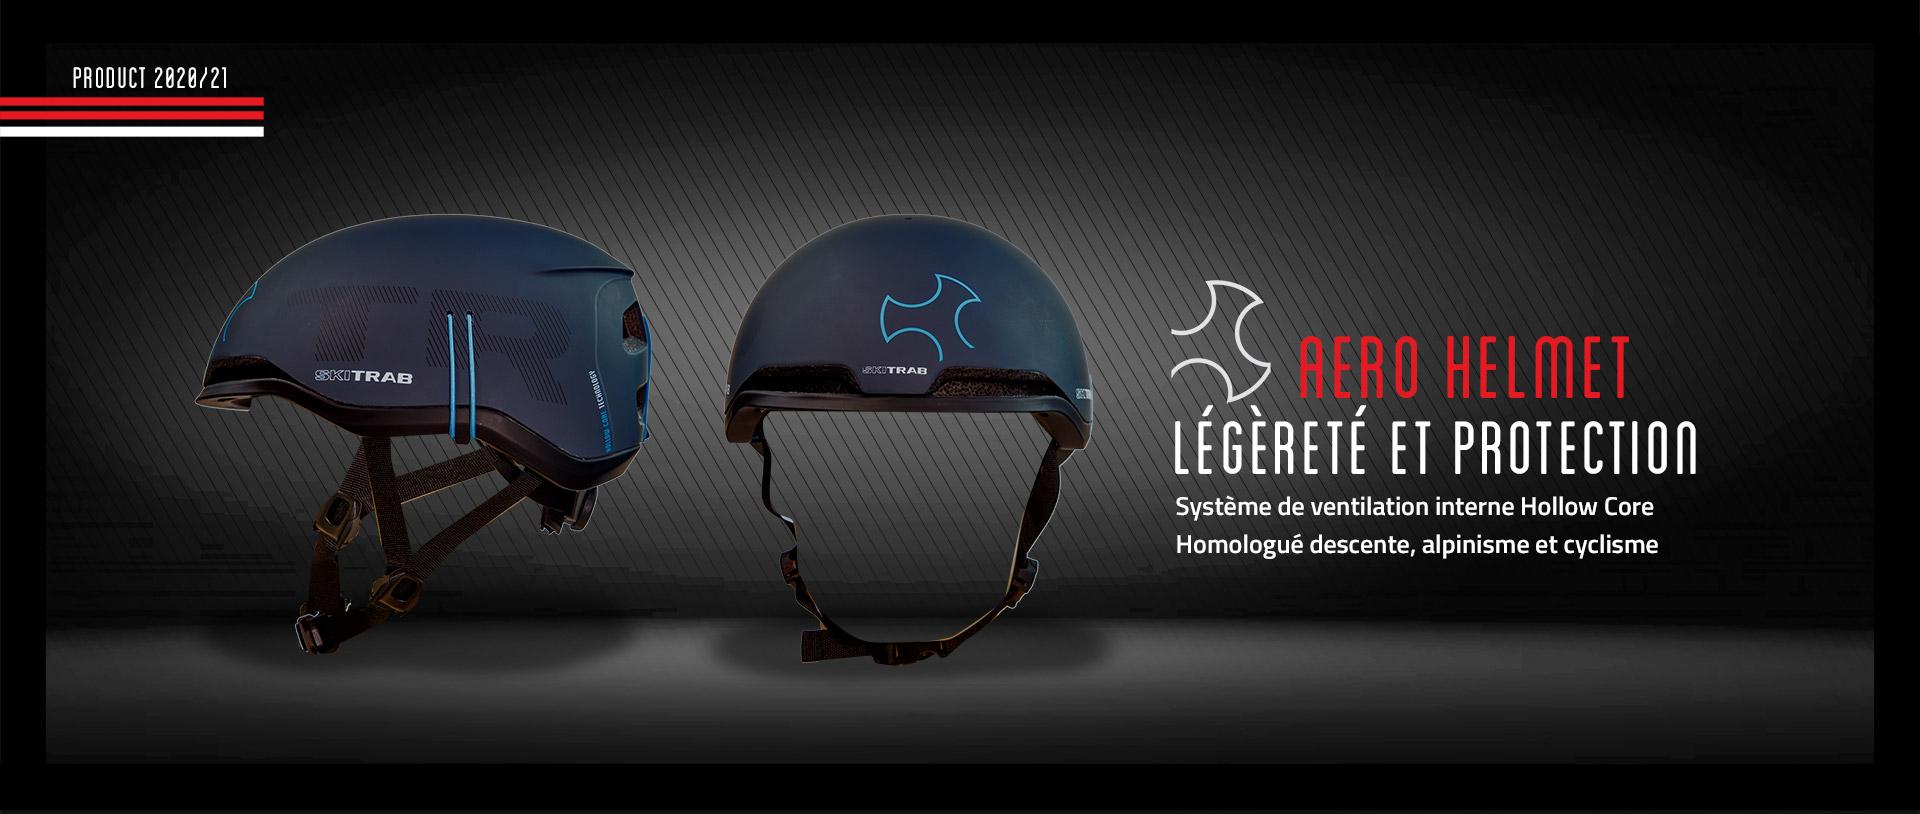 Aero Helmet FR